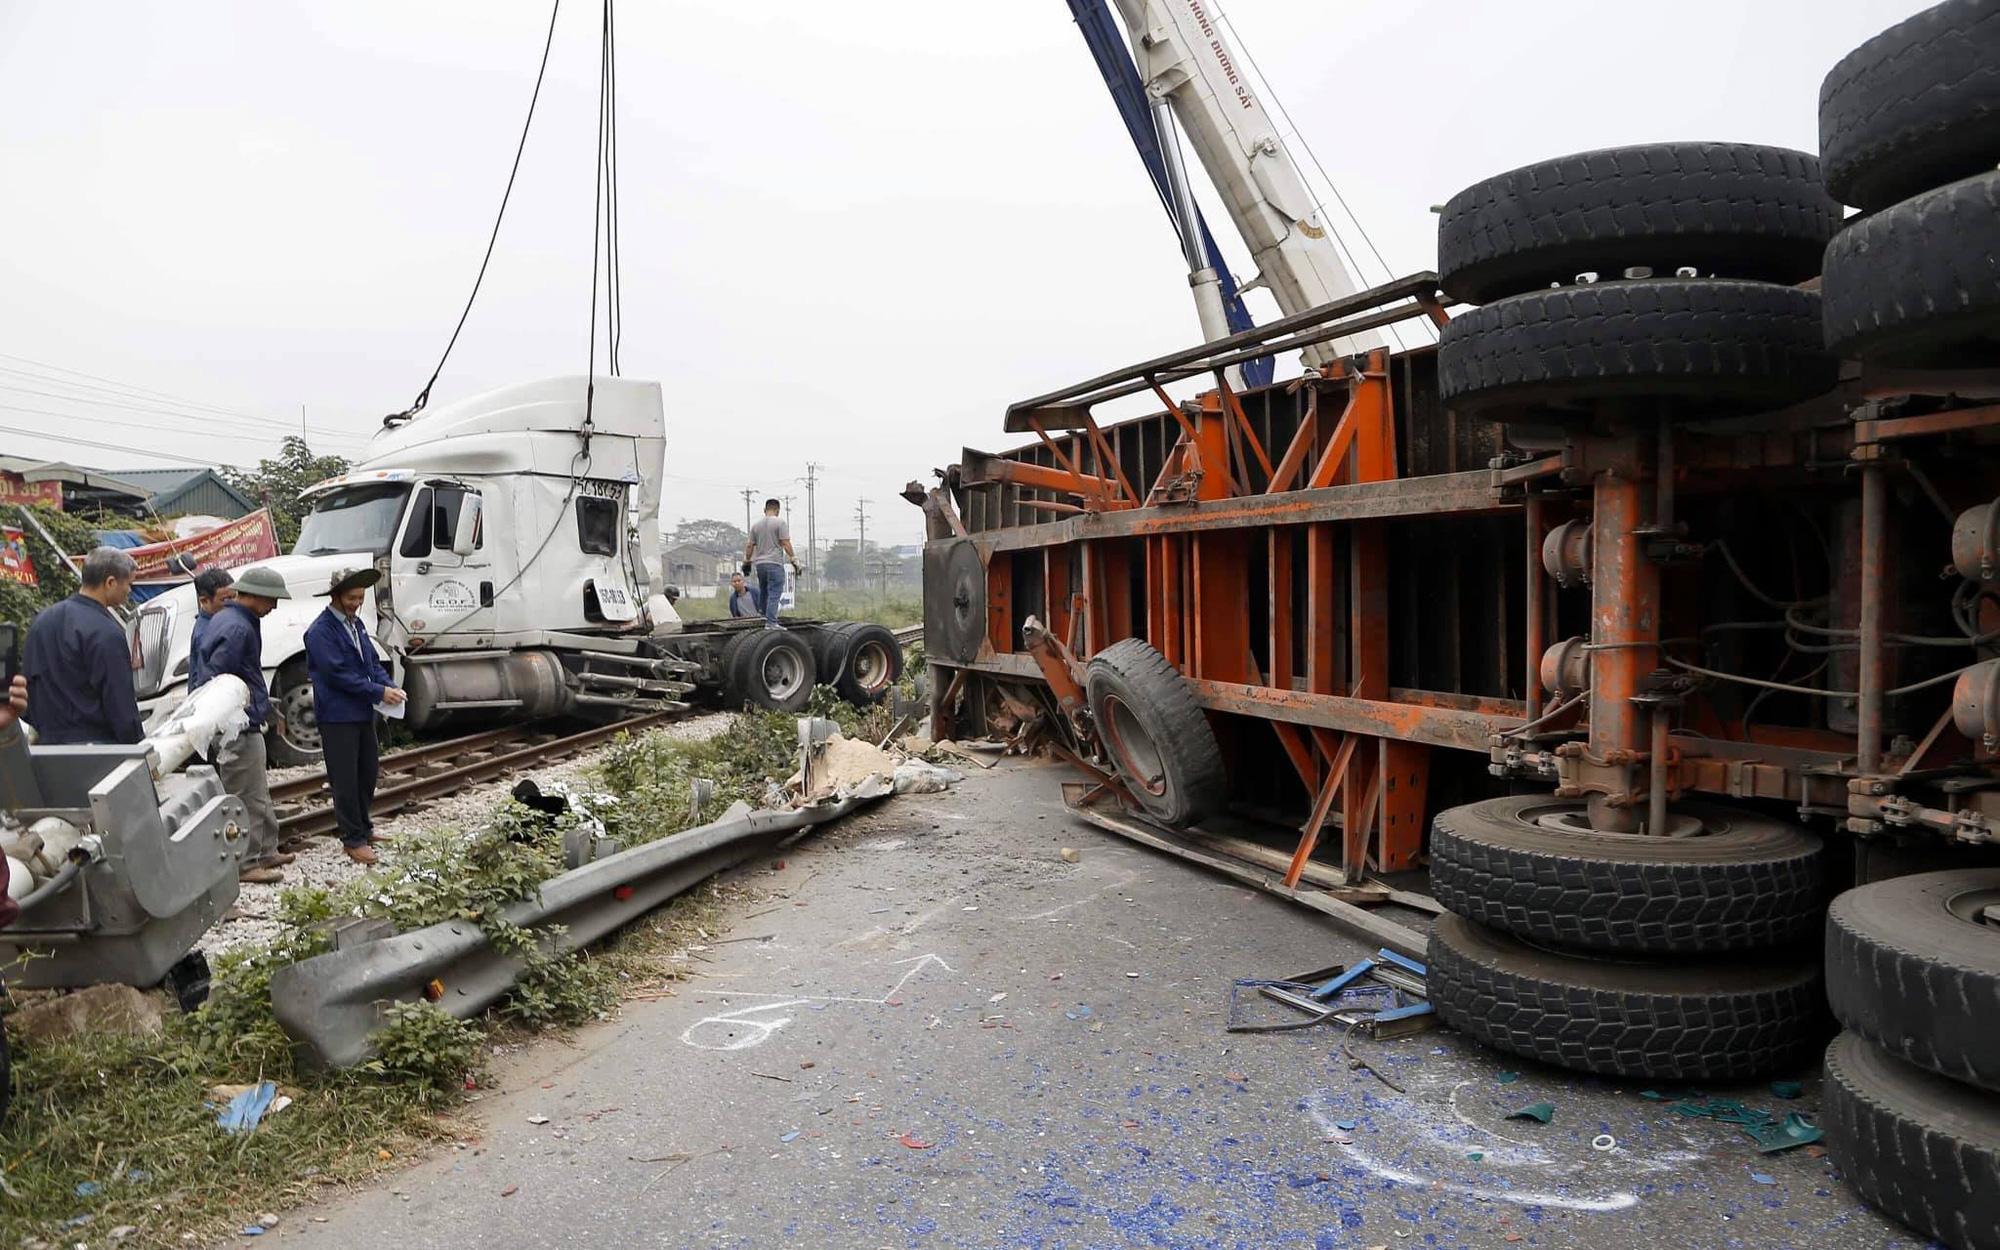 Xe đầu kéo bị tàu hỏa tông đứt đôi khi cố băng qua đường sắt, may mắn không có thương vong